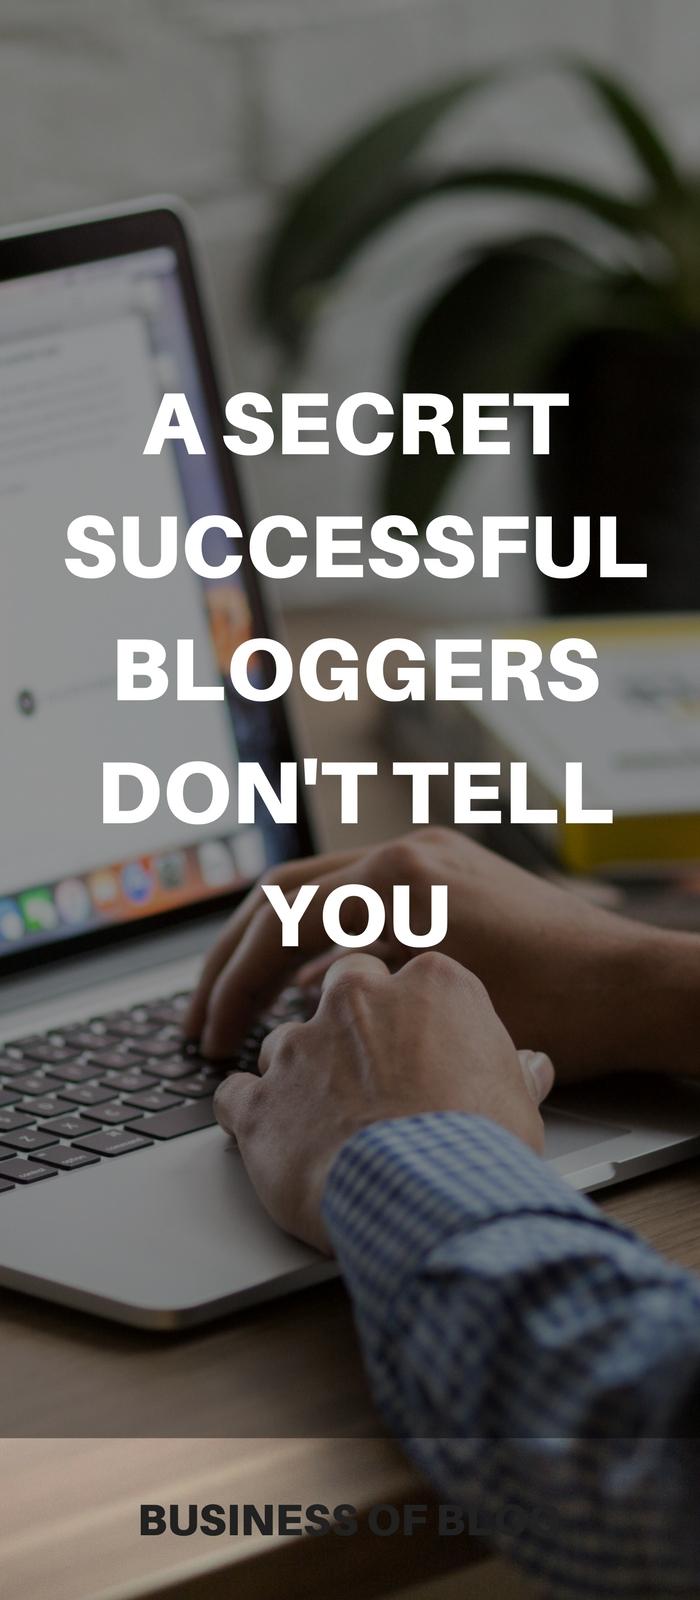 Secret blog